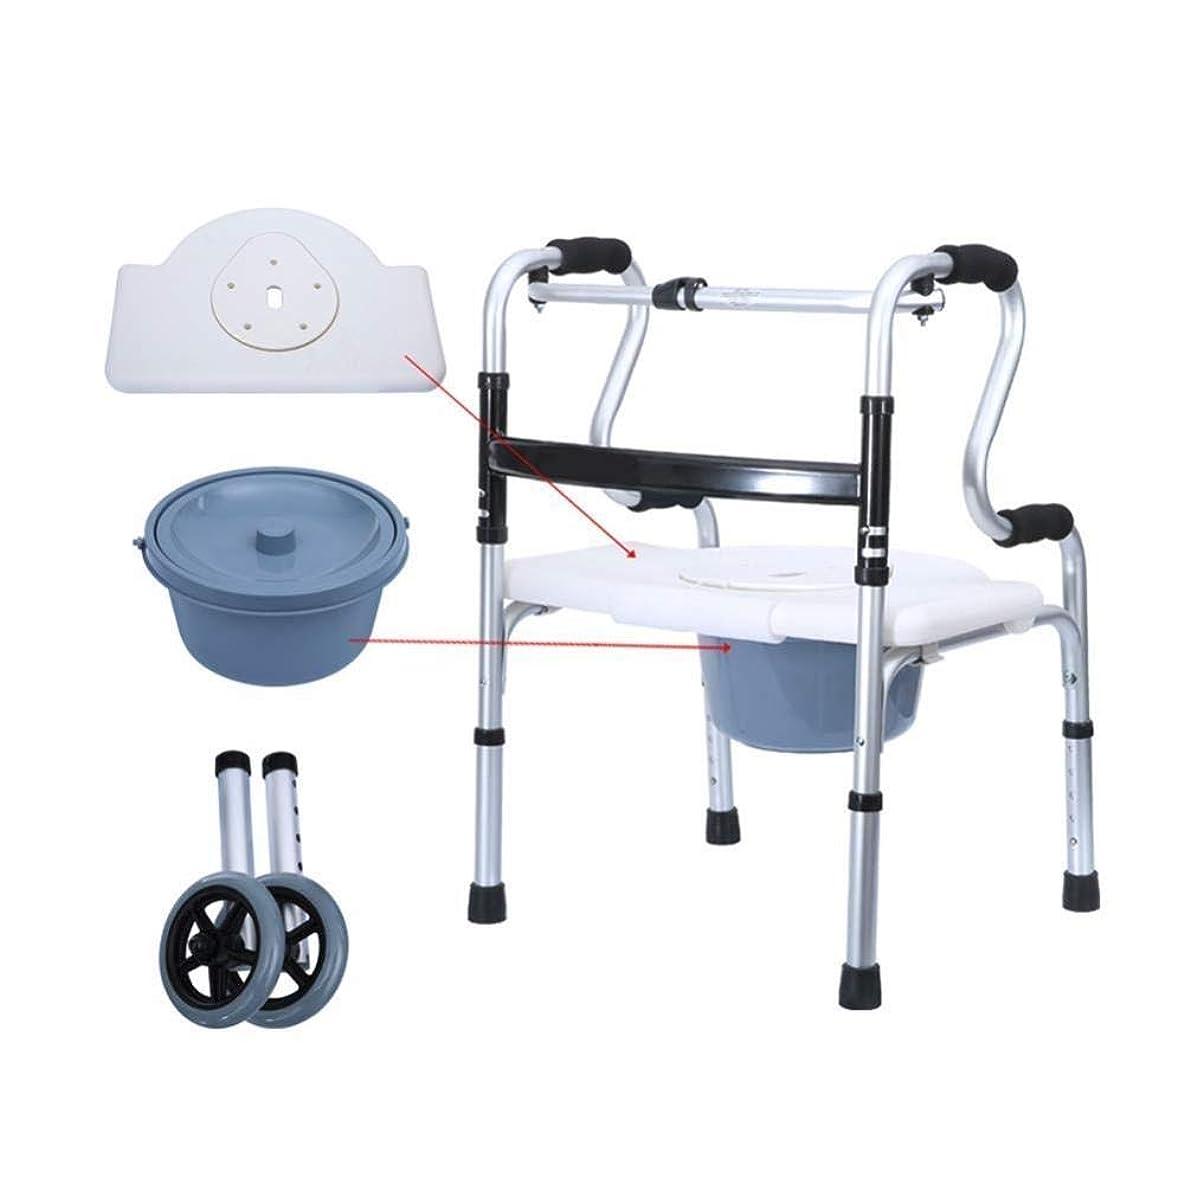 平らな年金稚魚折りたたみ式軽量アルミニウム合金歩行障害者老人用松葉杖歩行補助椅子